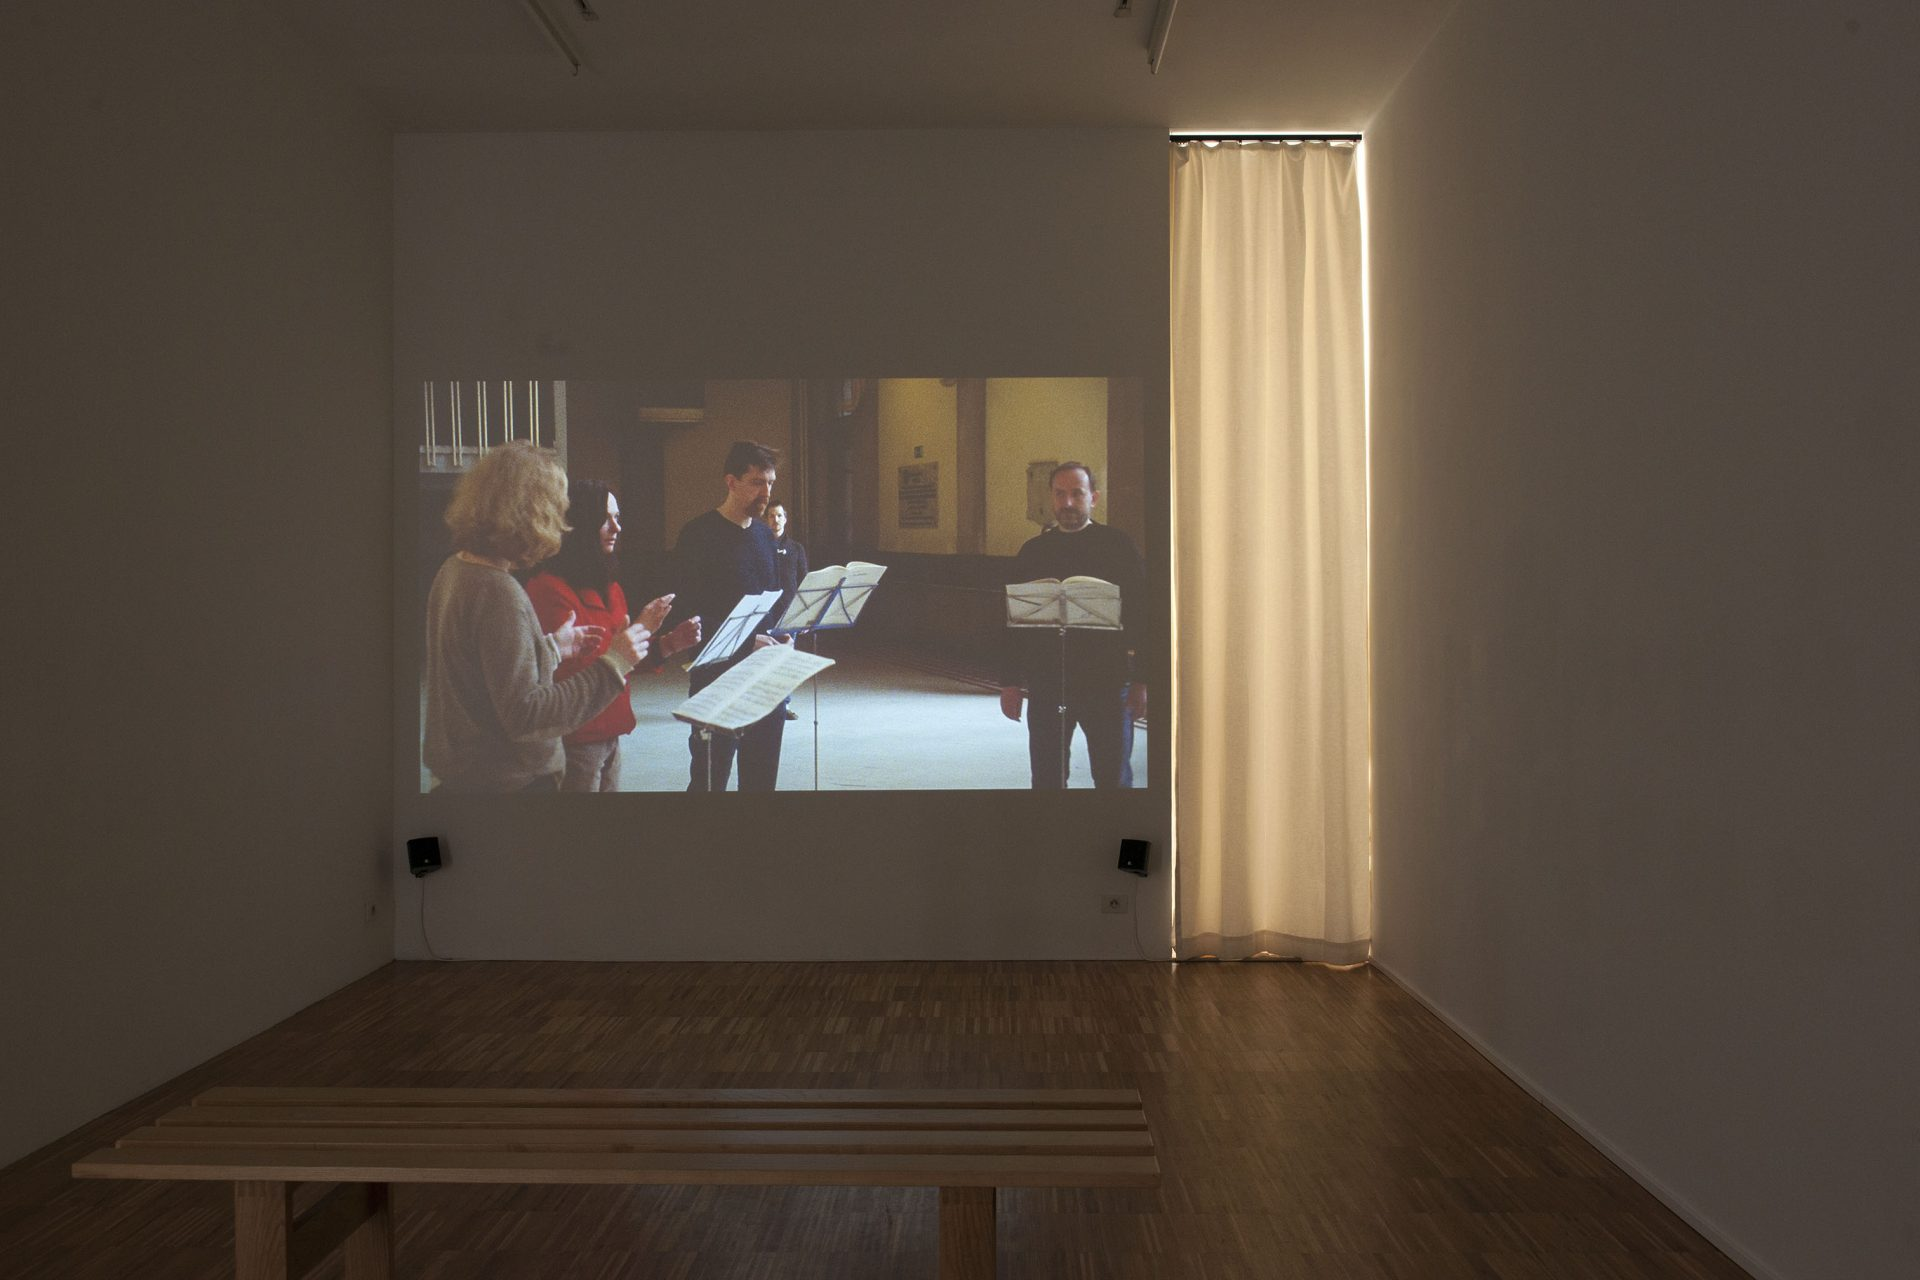 Manon de Boer, installation view at Jan Mot, 2013